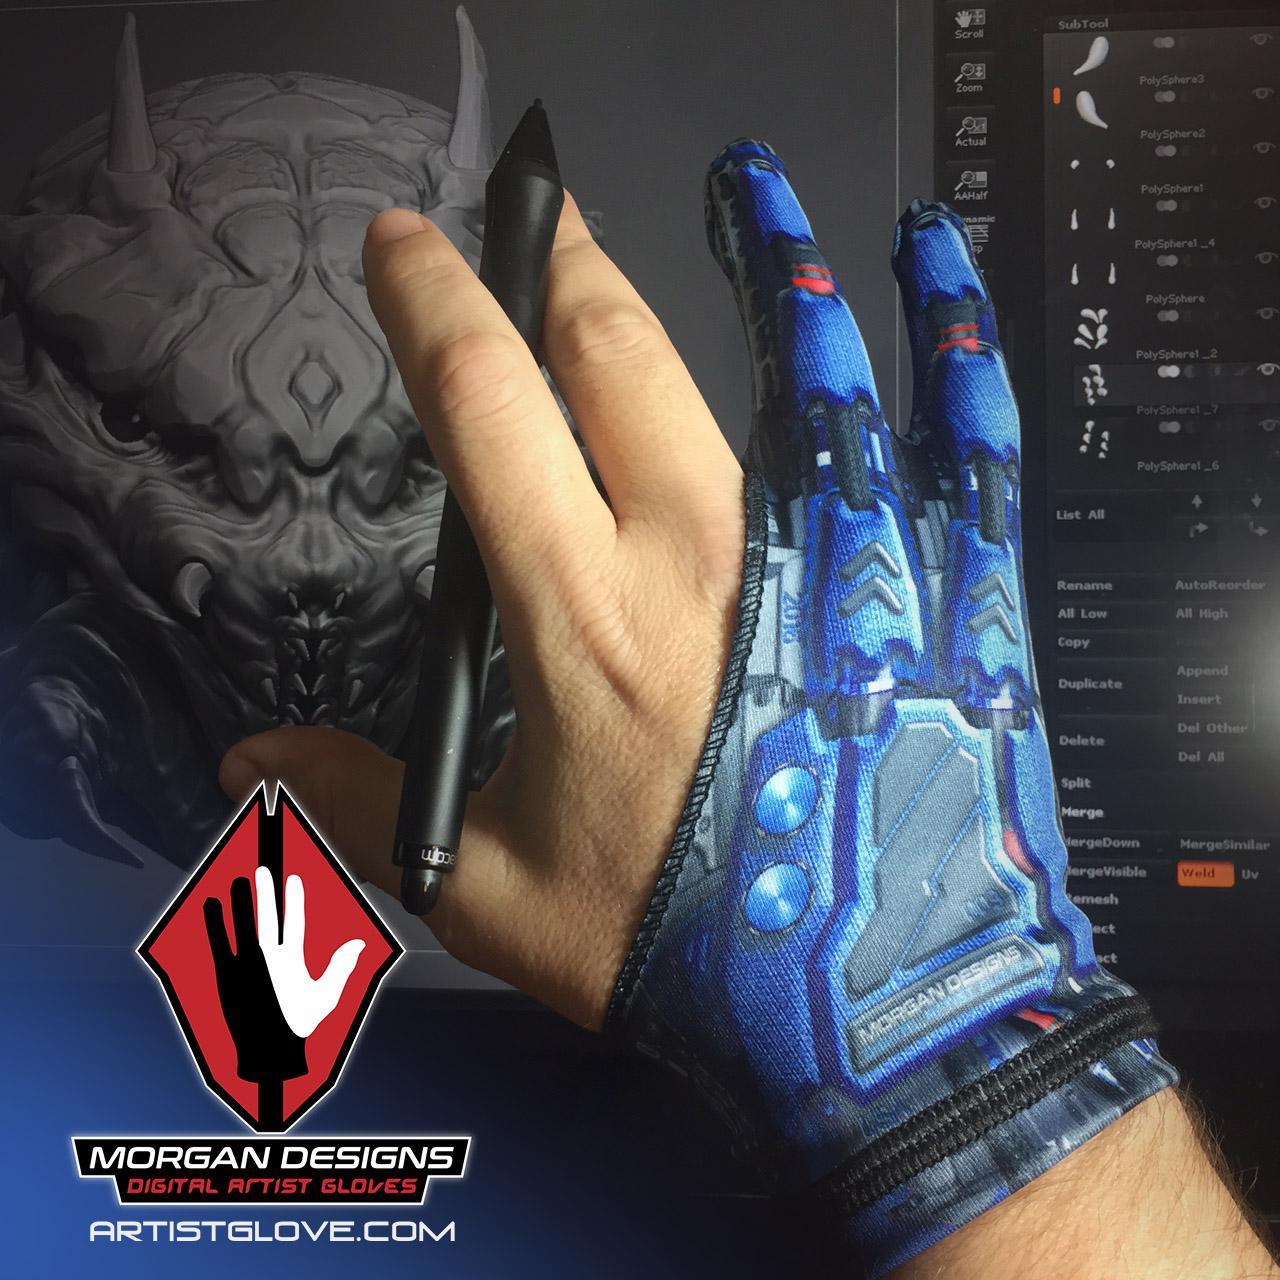 Morgan Designs Droid artist glove